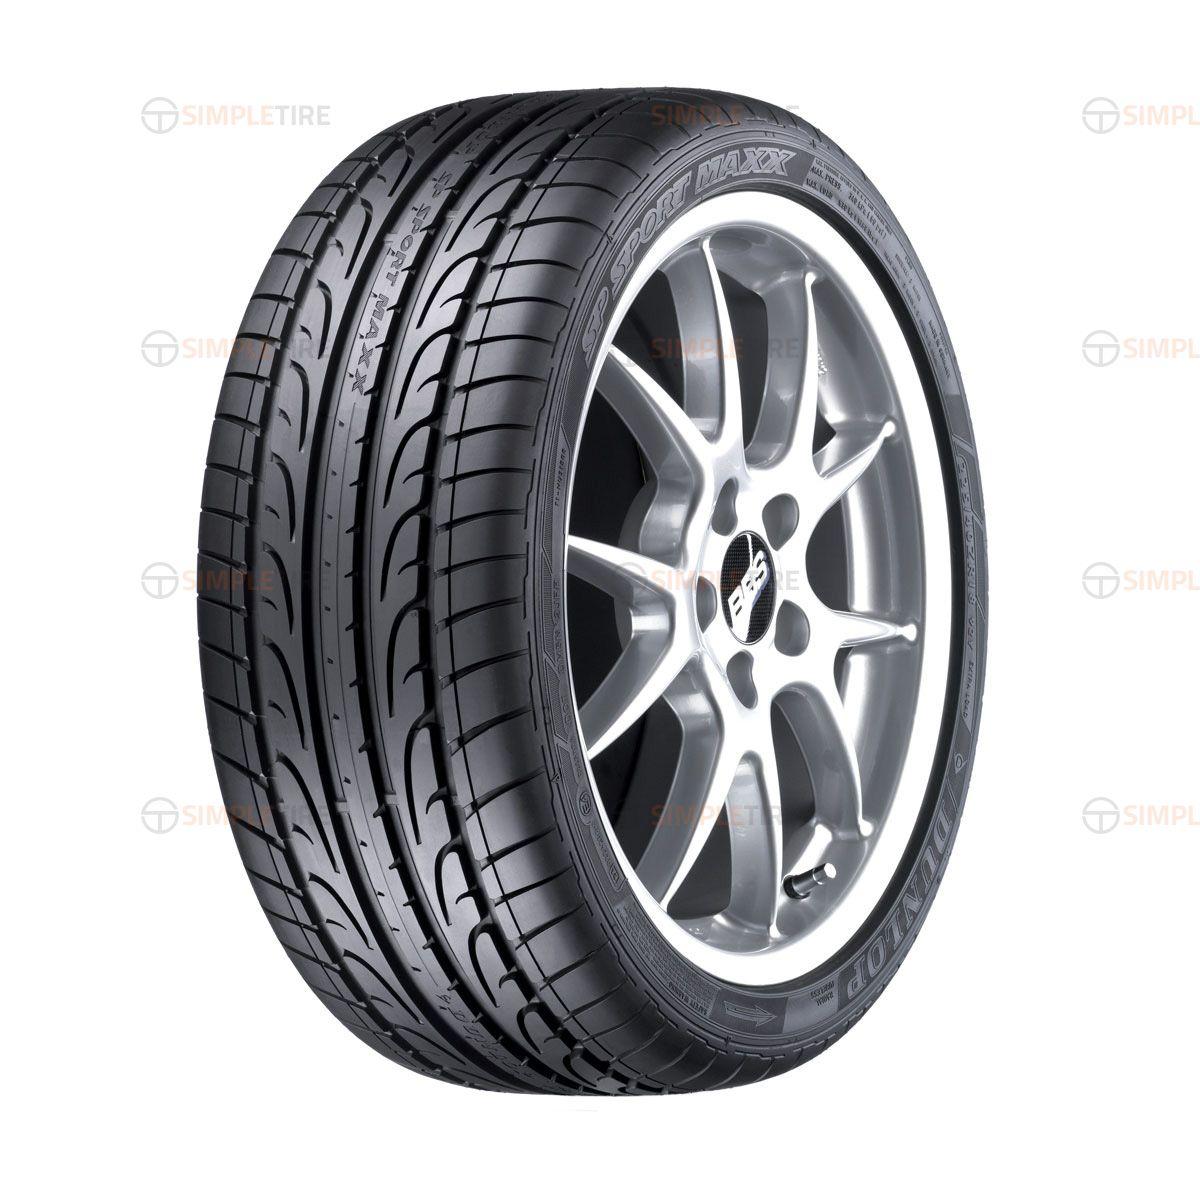 265029200 255/40R20 DSX DSST ROF Dunlop